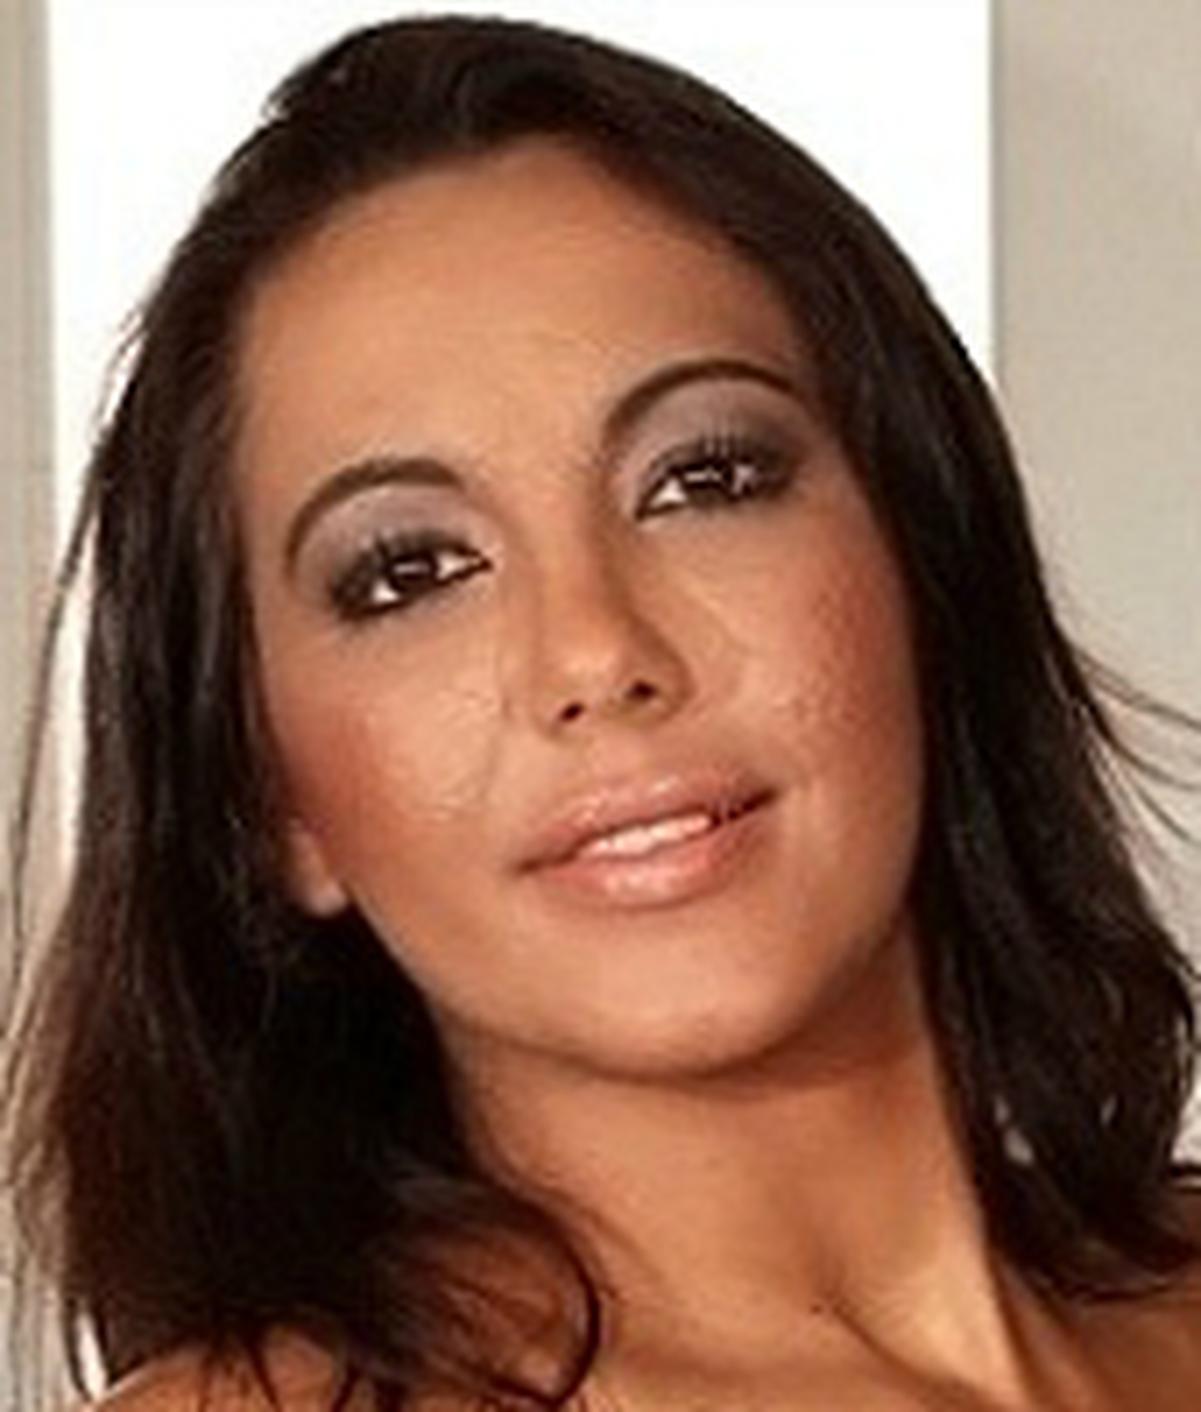 Nanda Bueno